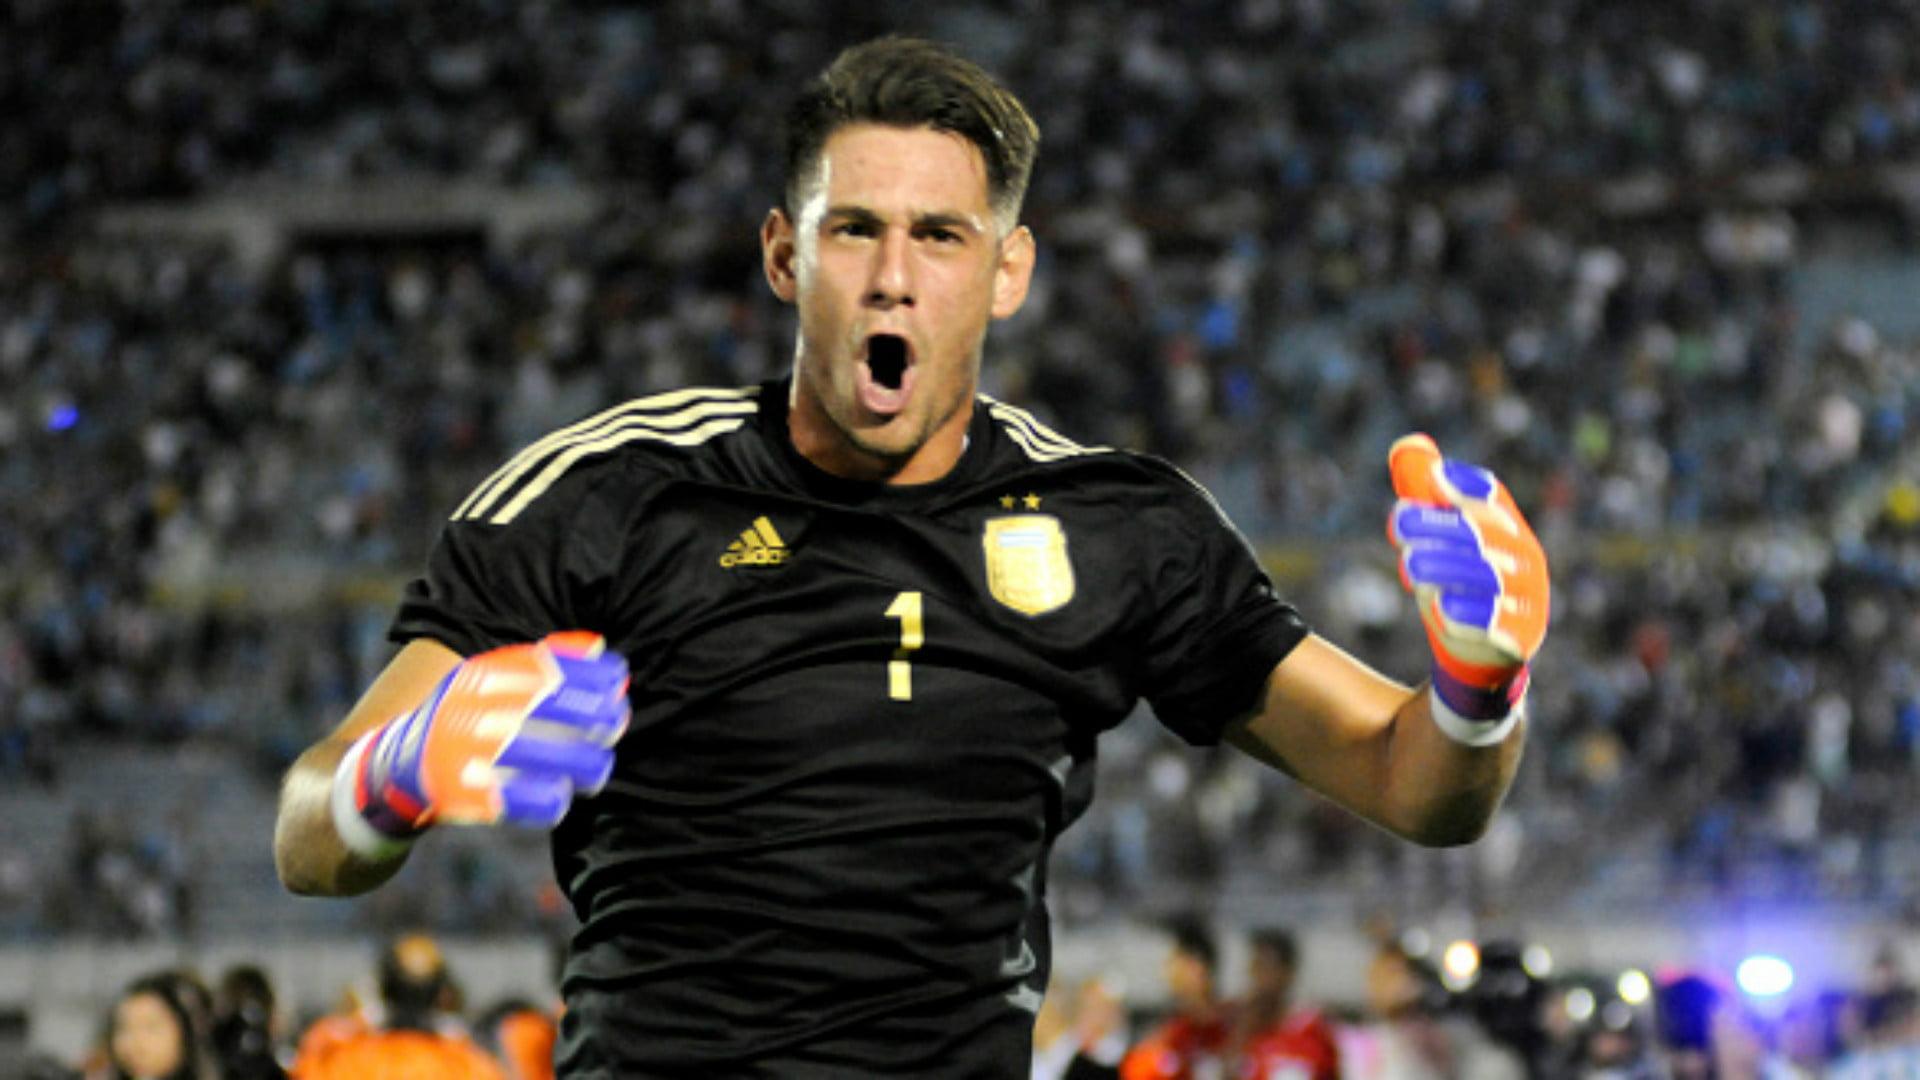 Augusto Batalla foi um dos líderes da selecção argentina de sub-20 Fonte: goal.com